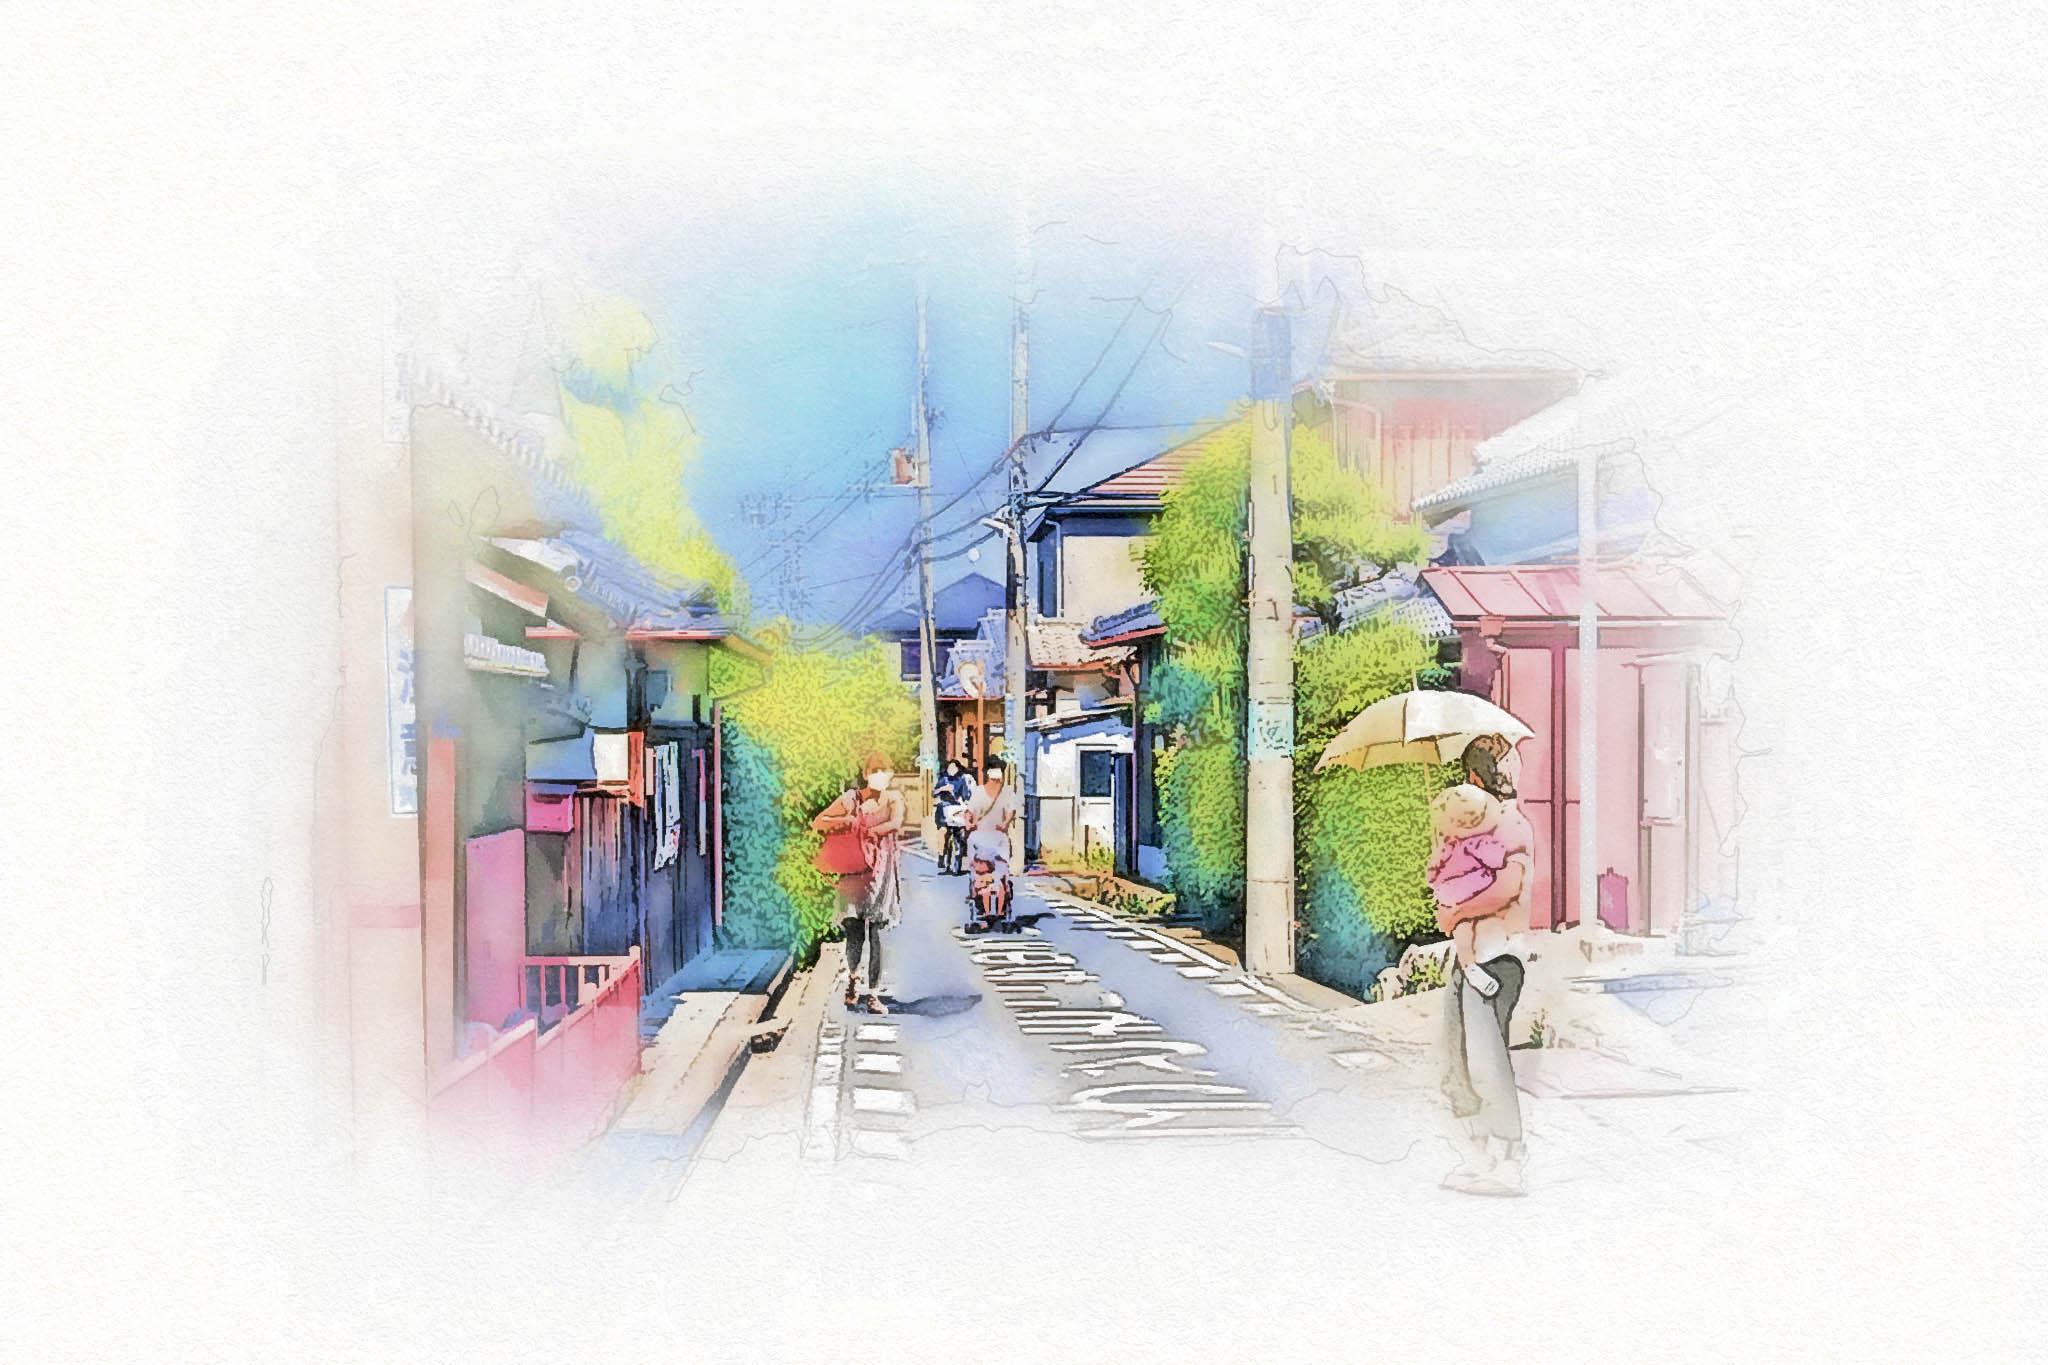 茨木市西国街道 (17c)